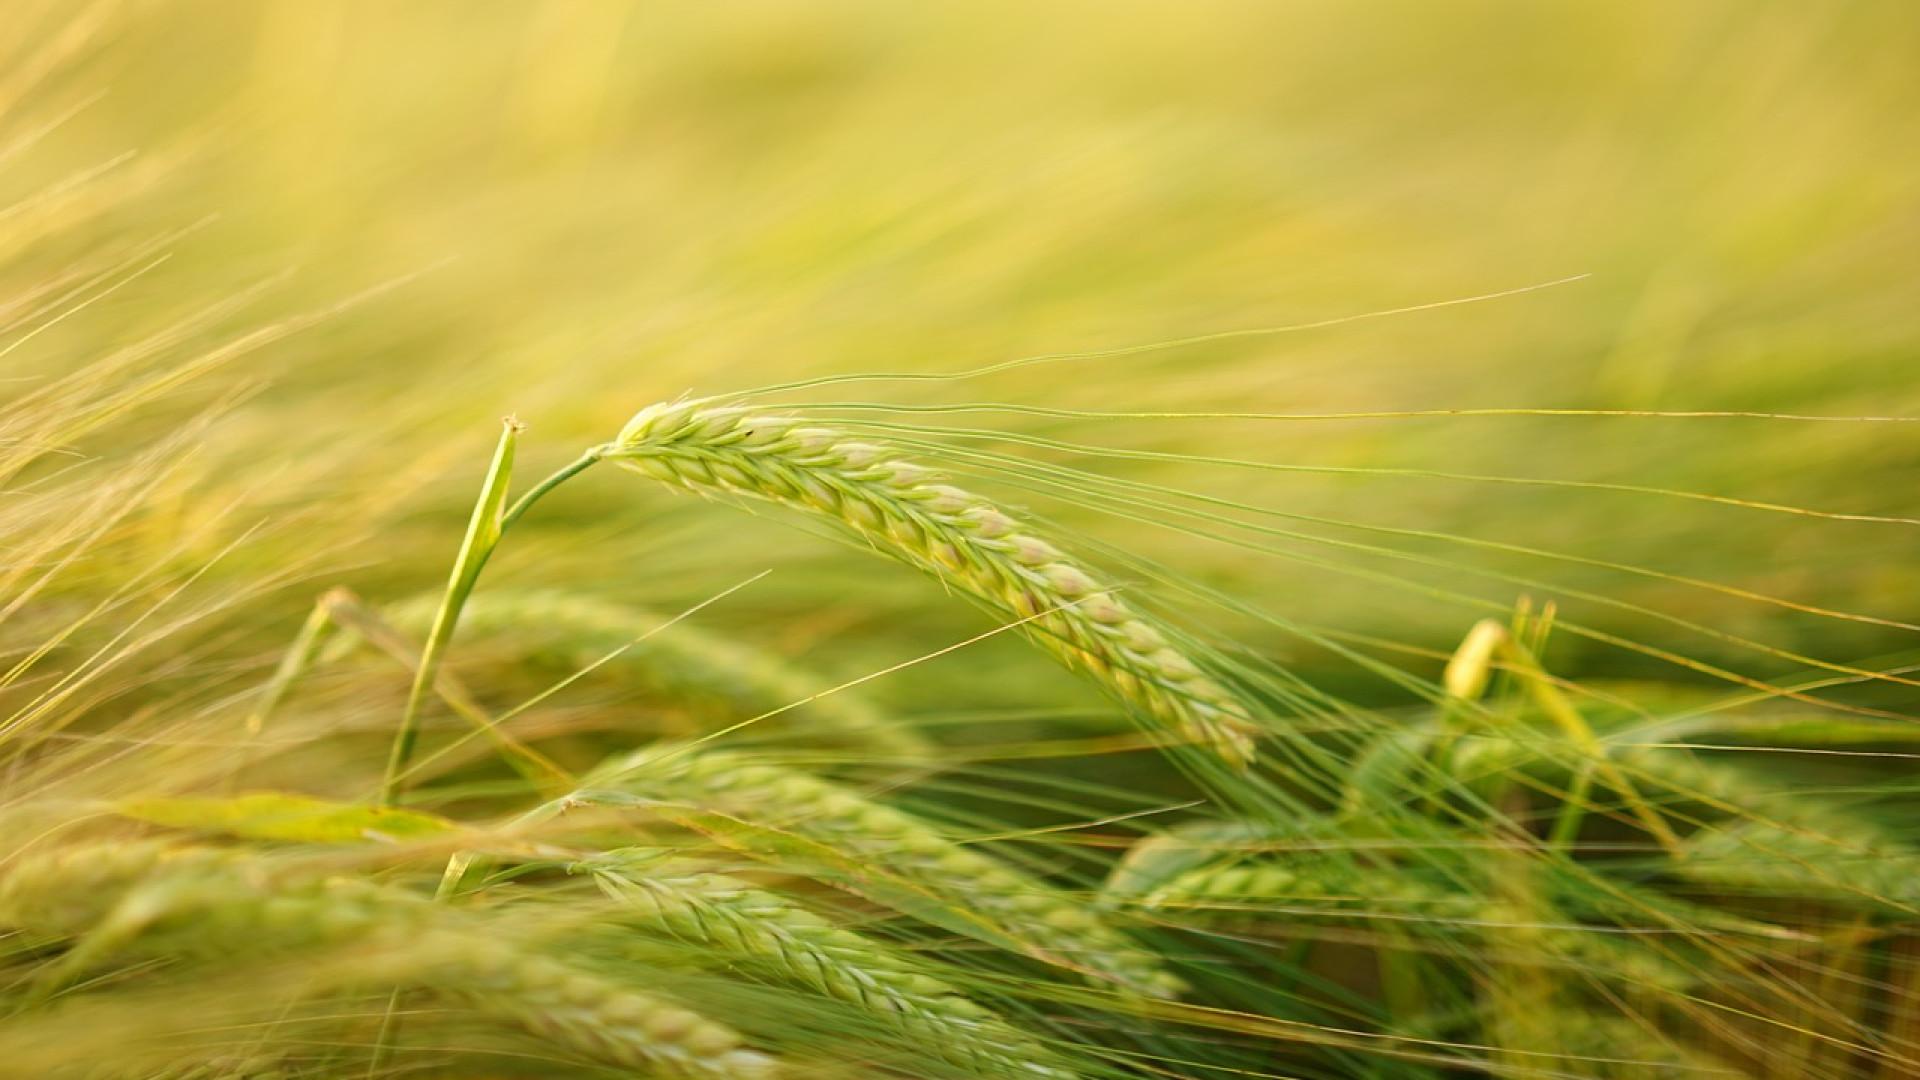 Manger bio, donner une chance à la planète tout en améliorant son bien-être